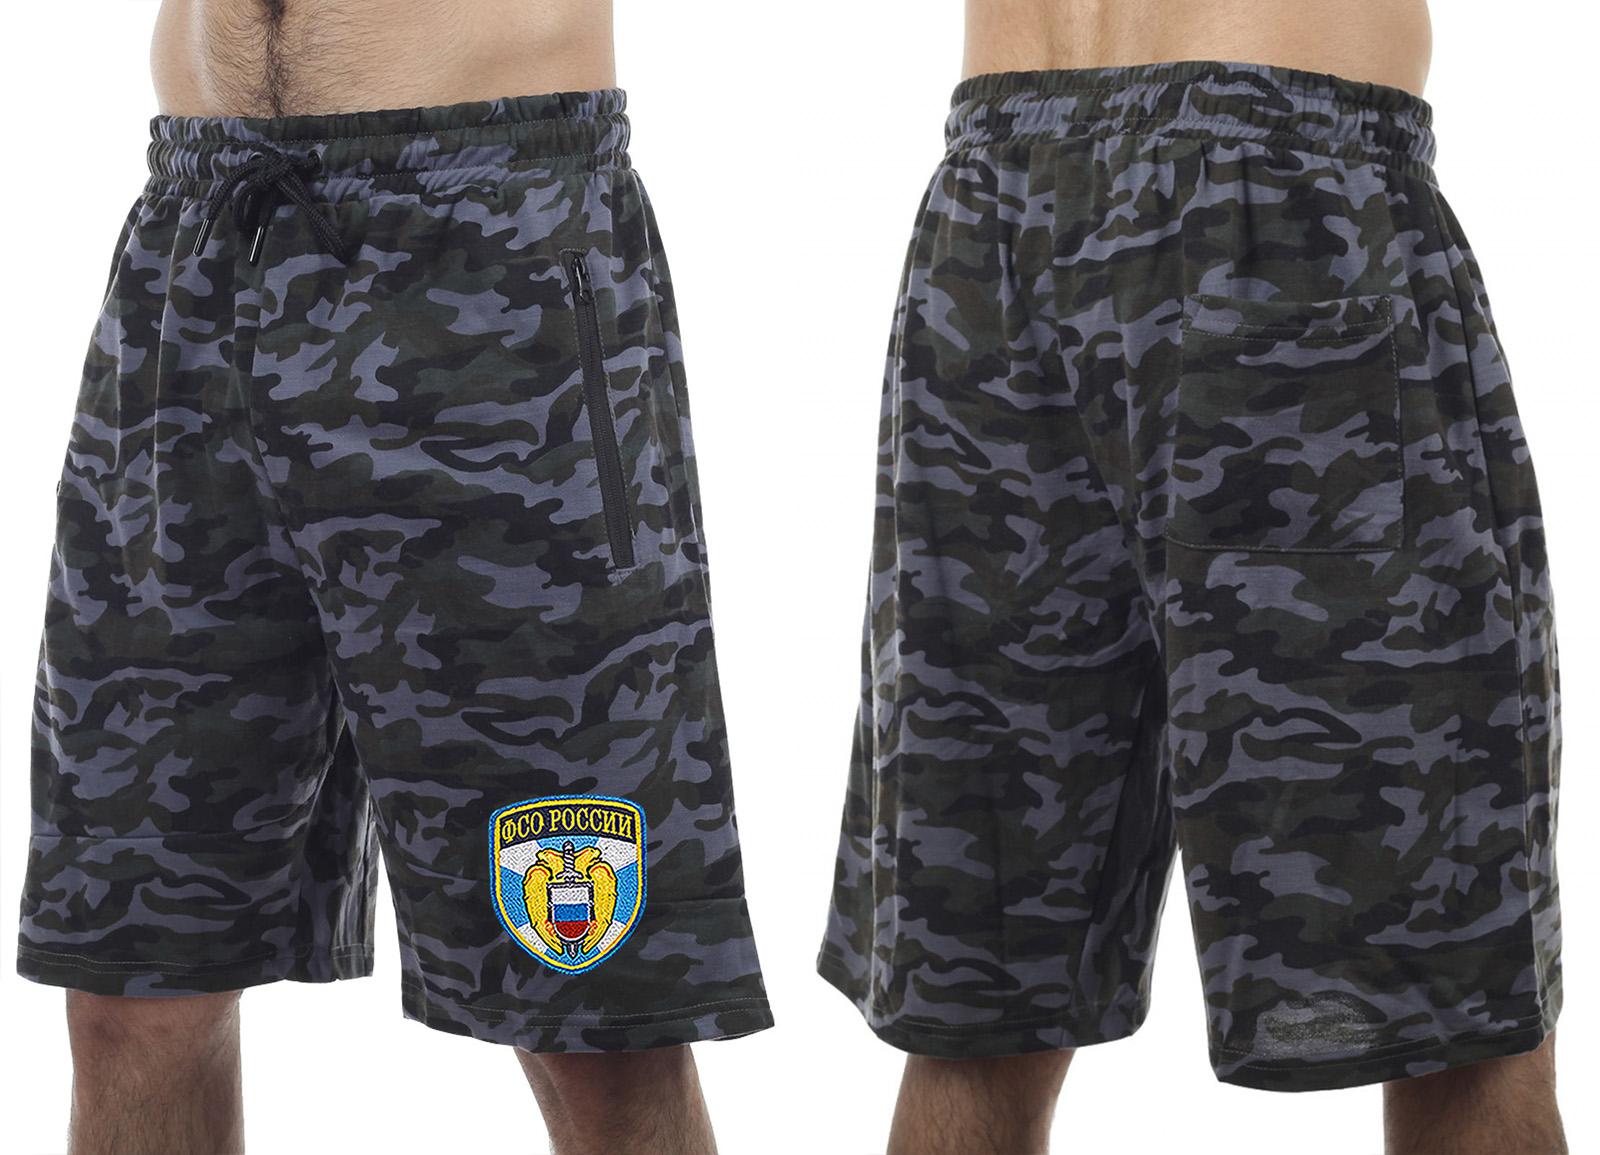 Удлиненные свободные шорты с карманами и нашивкой ФСО - купить онлайн